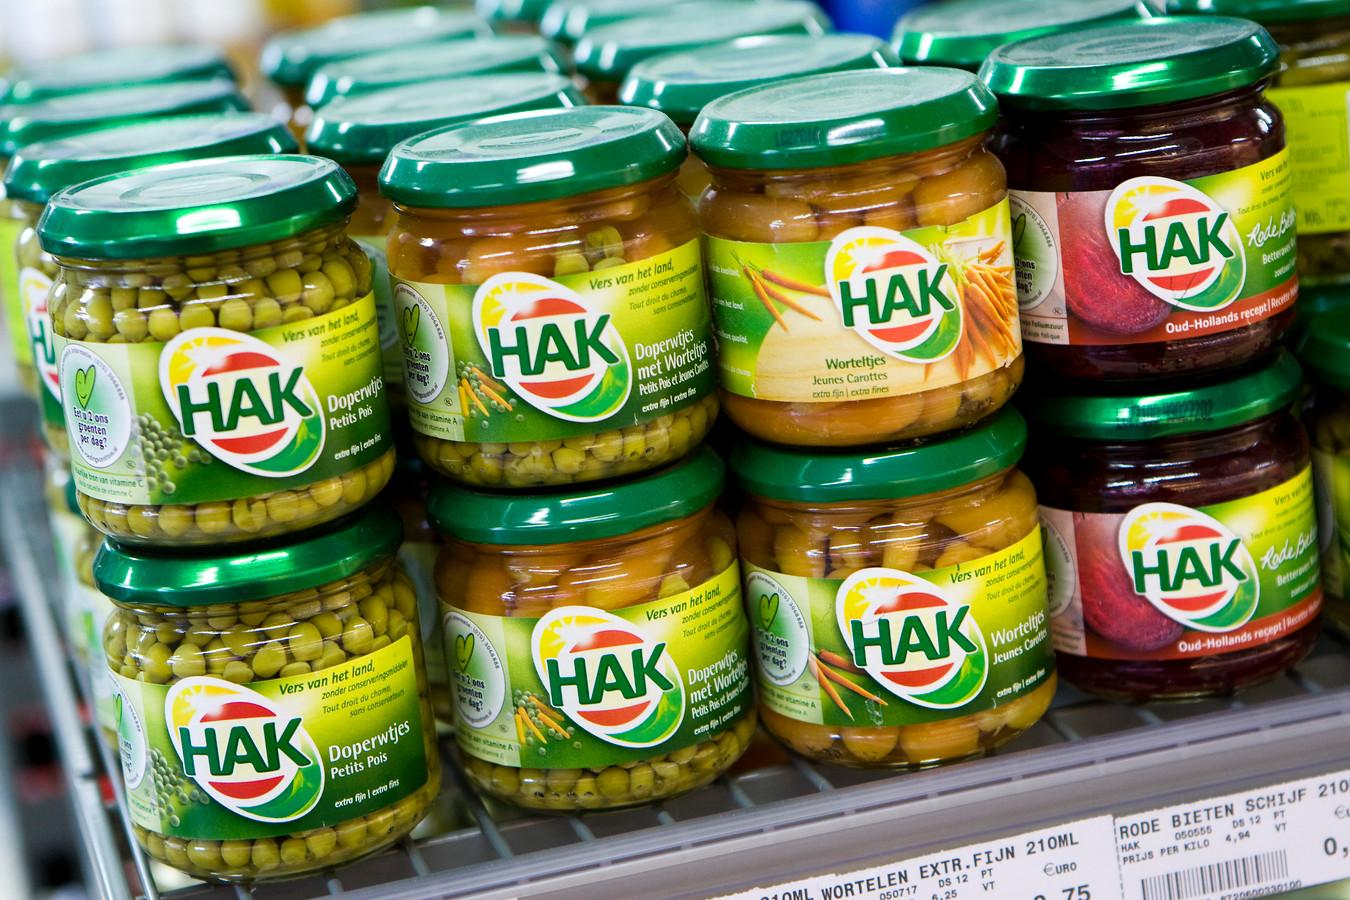 Alle merken voegen suiker toe aan hun potten en blikken groente: van HAK en Bonduelle tot de huismerken van de grote supermarkten